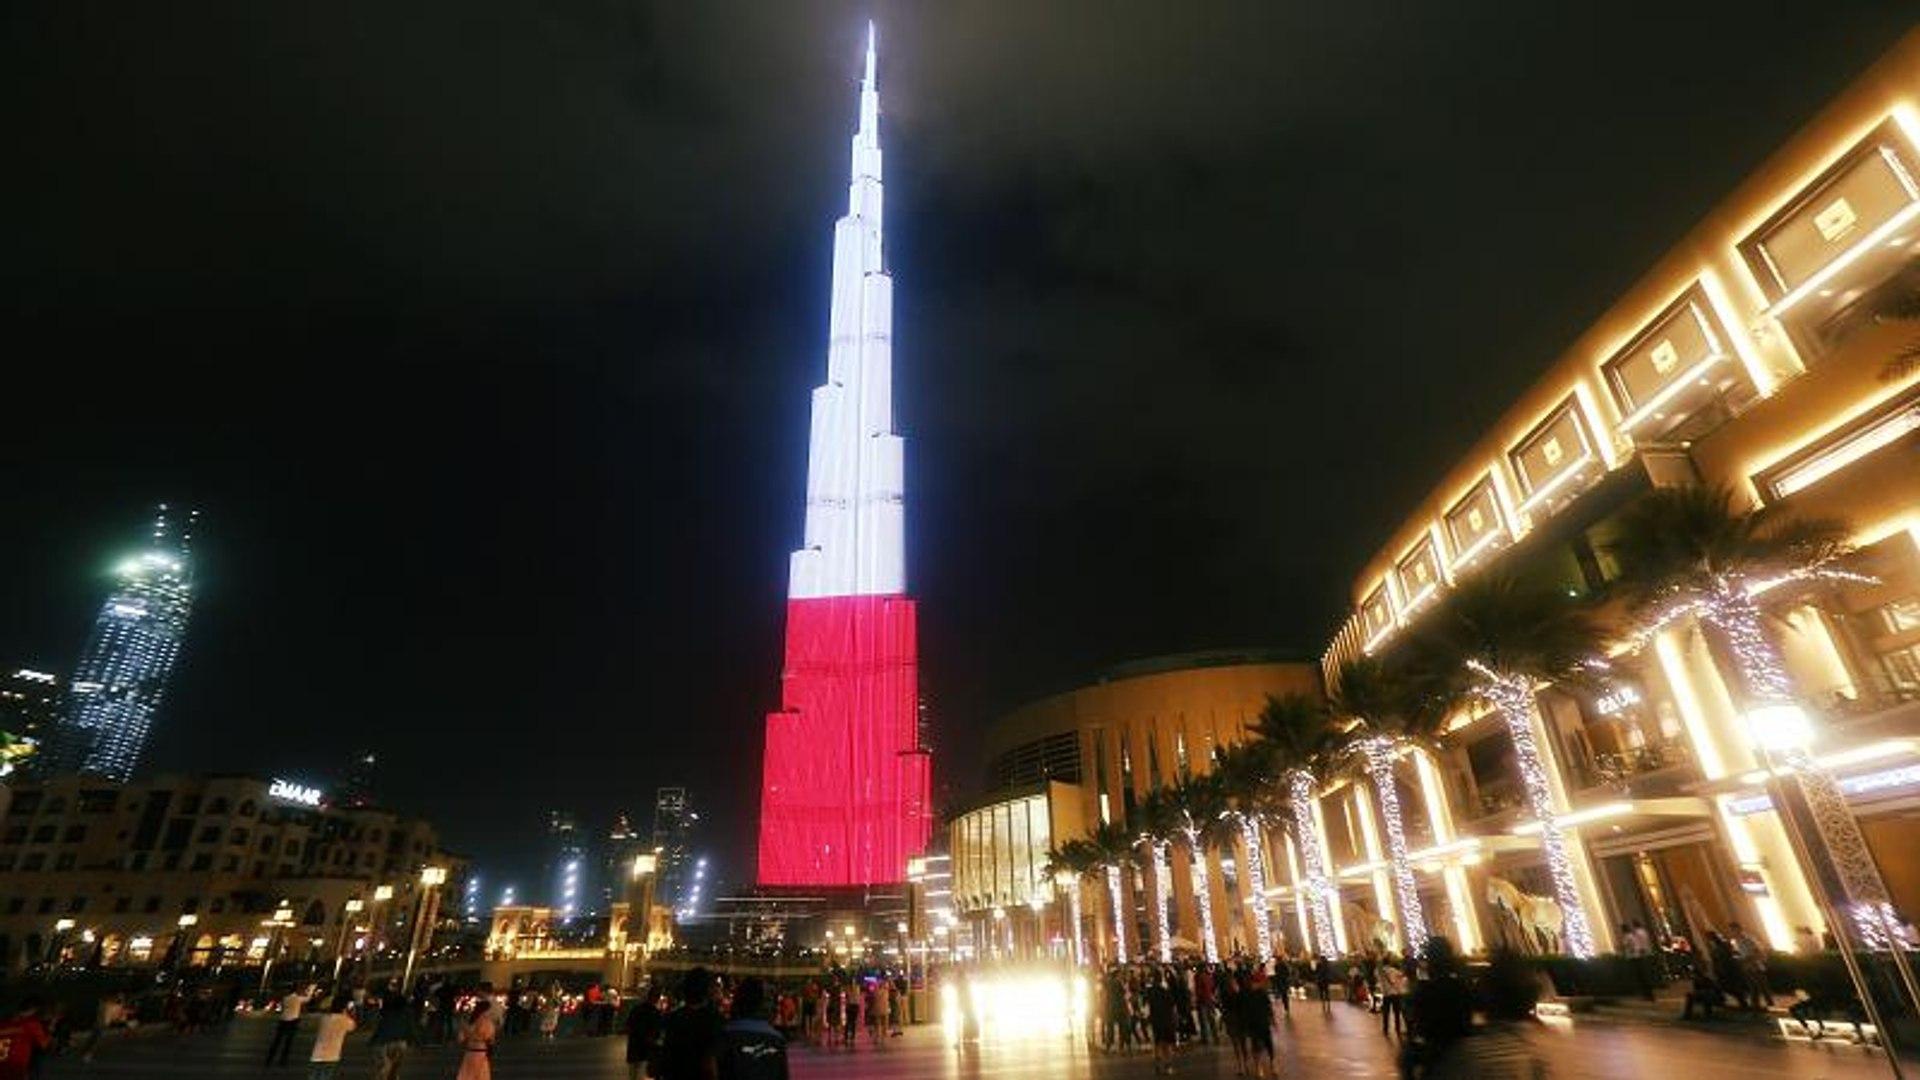 شاهد: برج خليفة يكتسي بألوان علم بولندا في ذكرى استقلالها